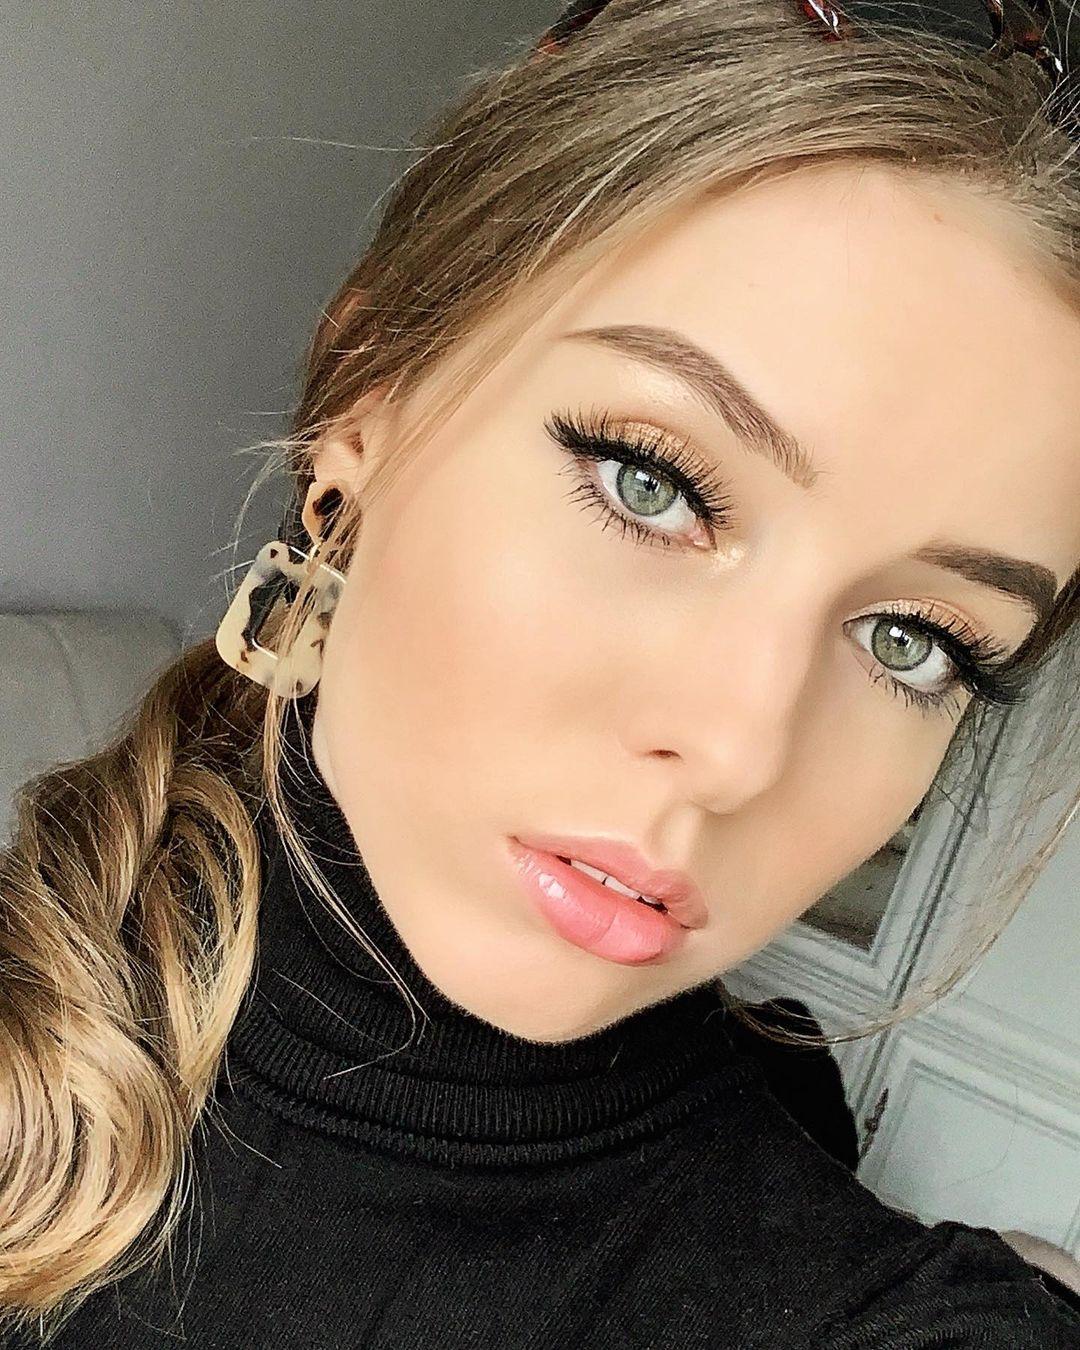 Natalia-Lucja-Poplawska-Wallpapers-Insta-Fit-Bio-6